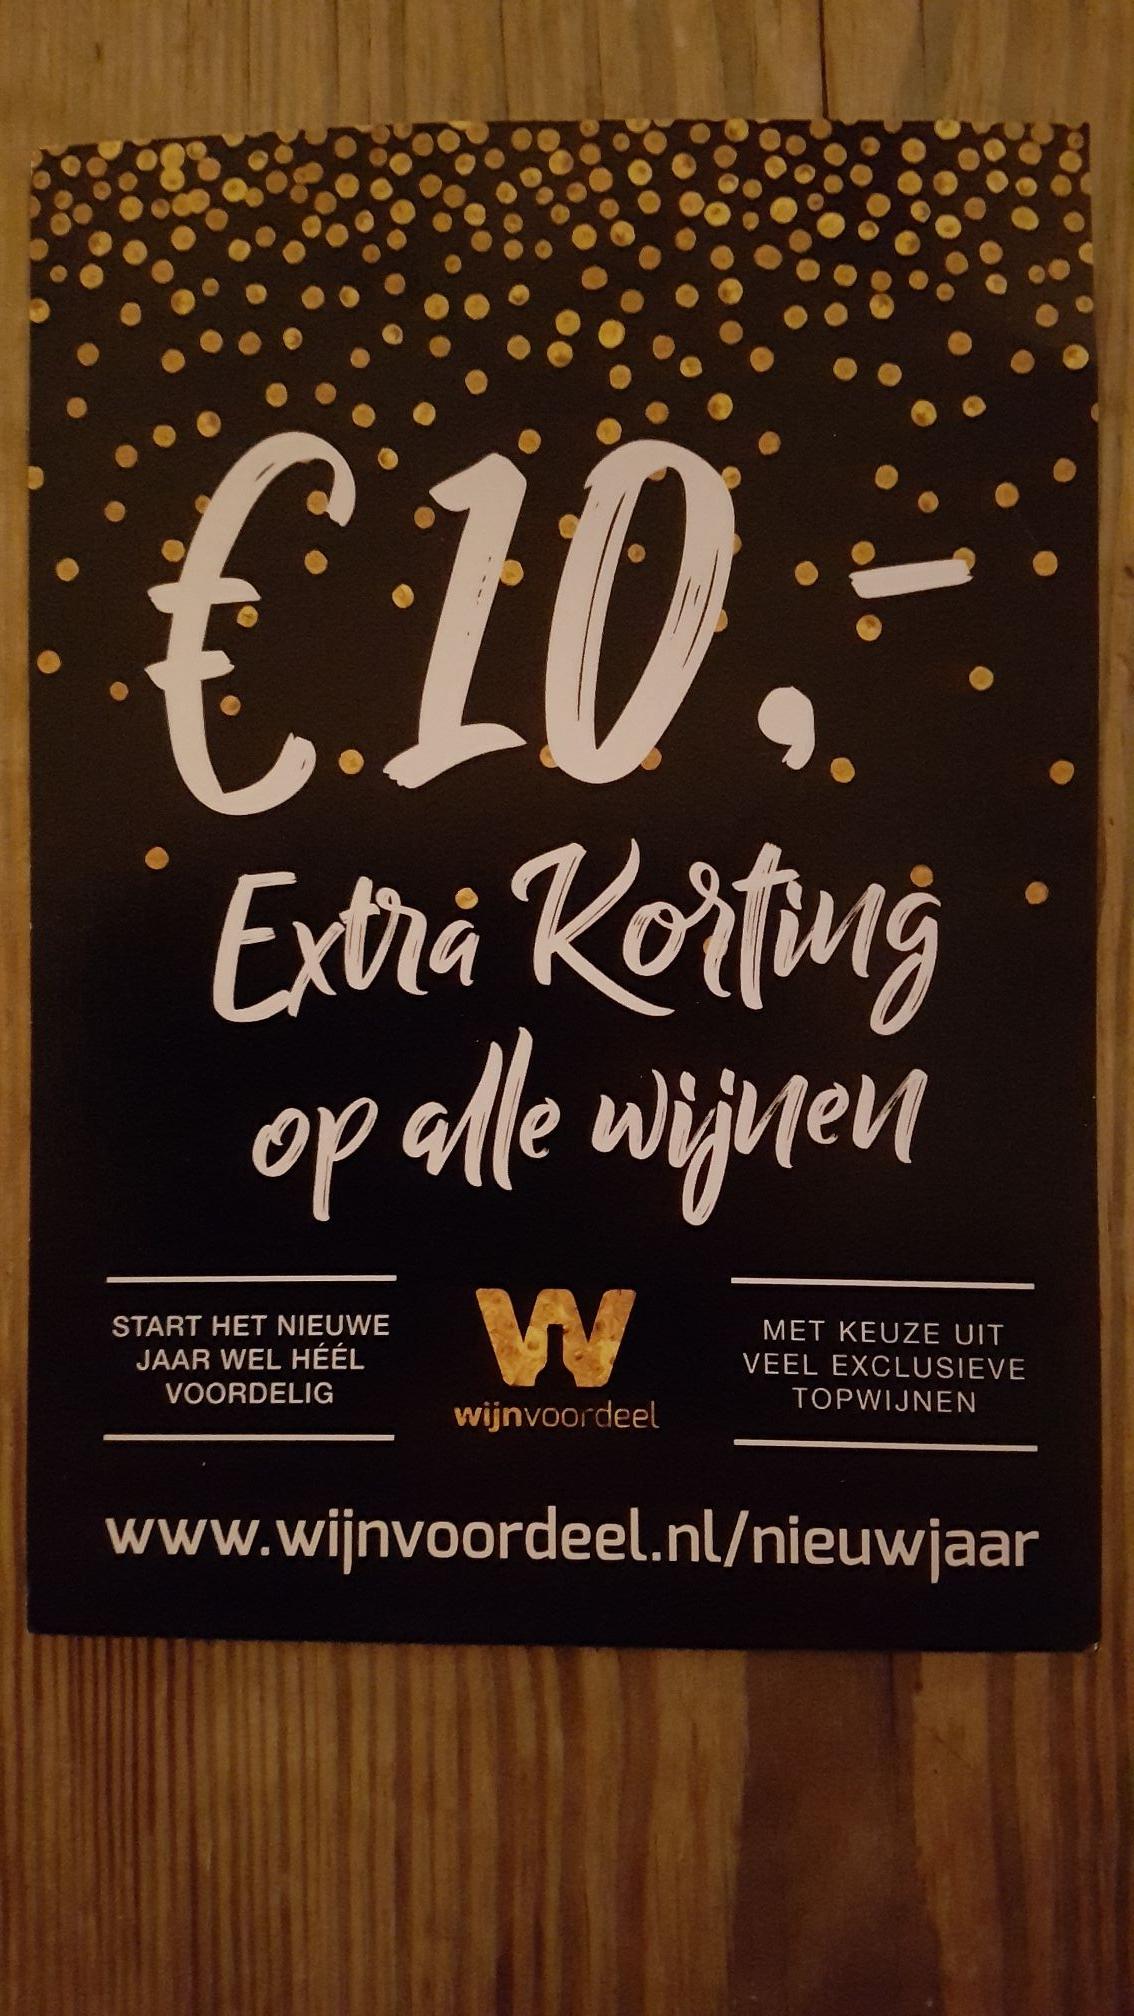 10 euro extra korting Wijnvoordeel.nl